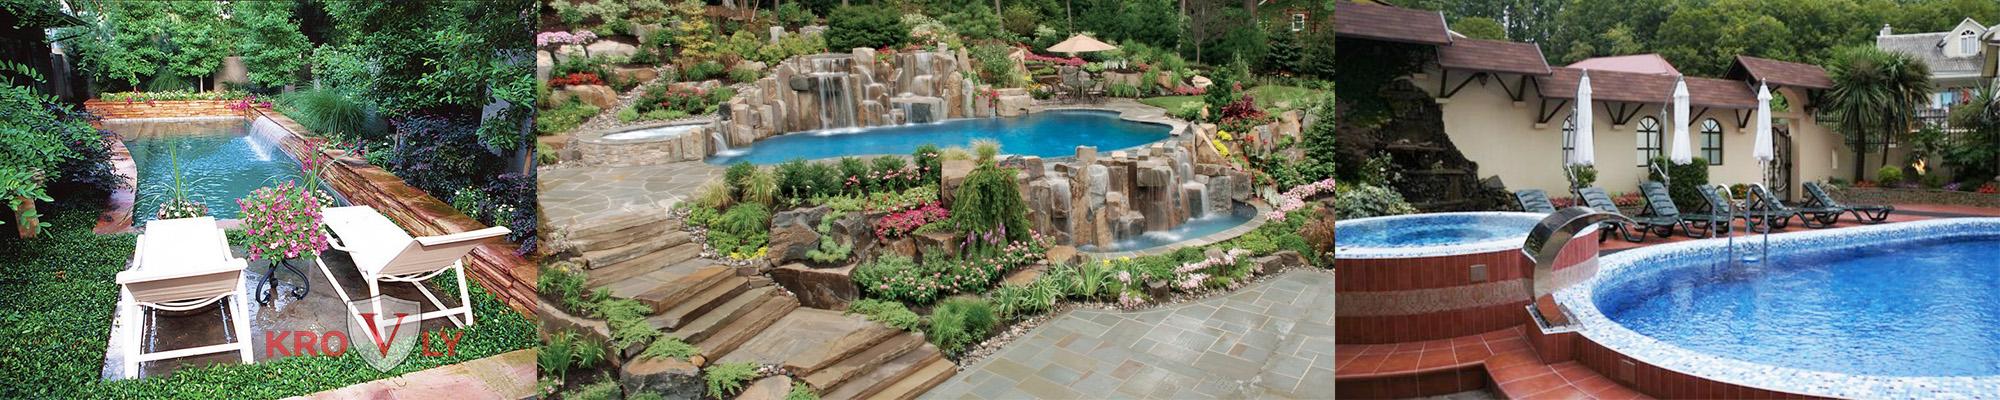 Строительство фонтанов, альпийская горка, строительство бассейнов